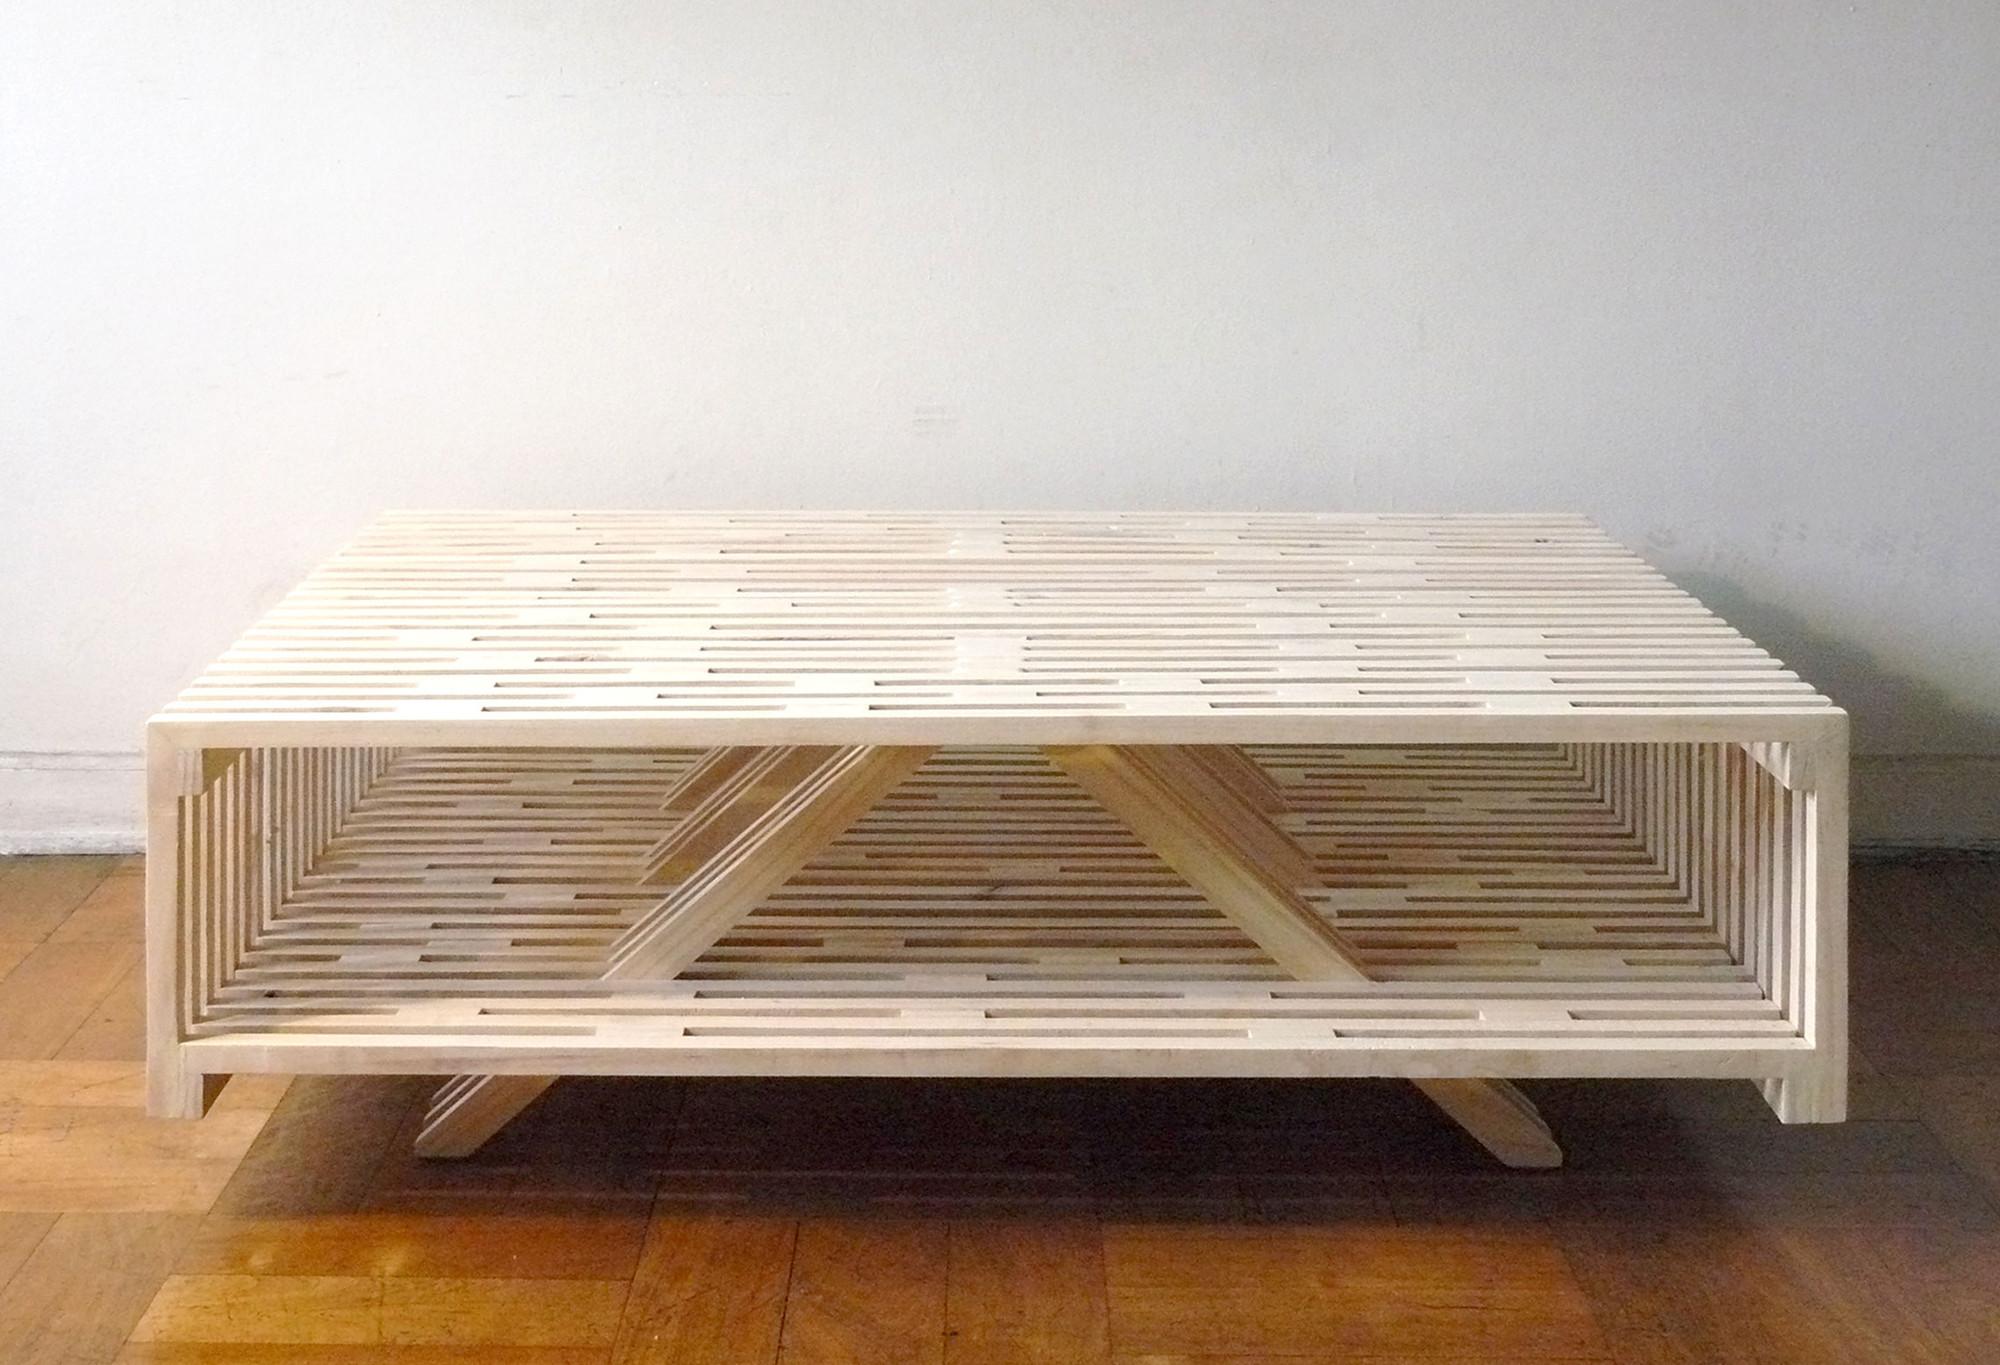 Mesa de Centro A / Sebastián Erazo, Courtesy of Sebastián Erazo